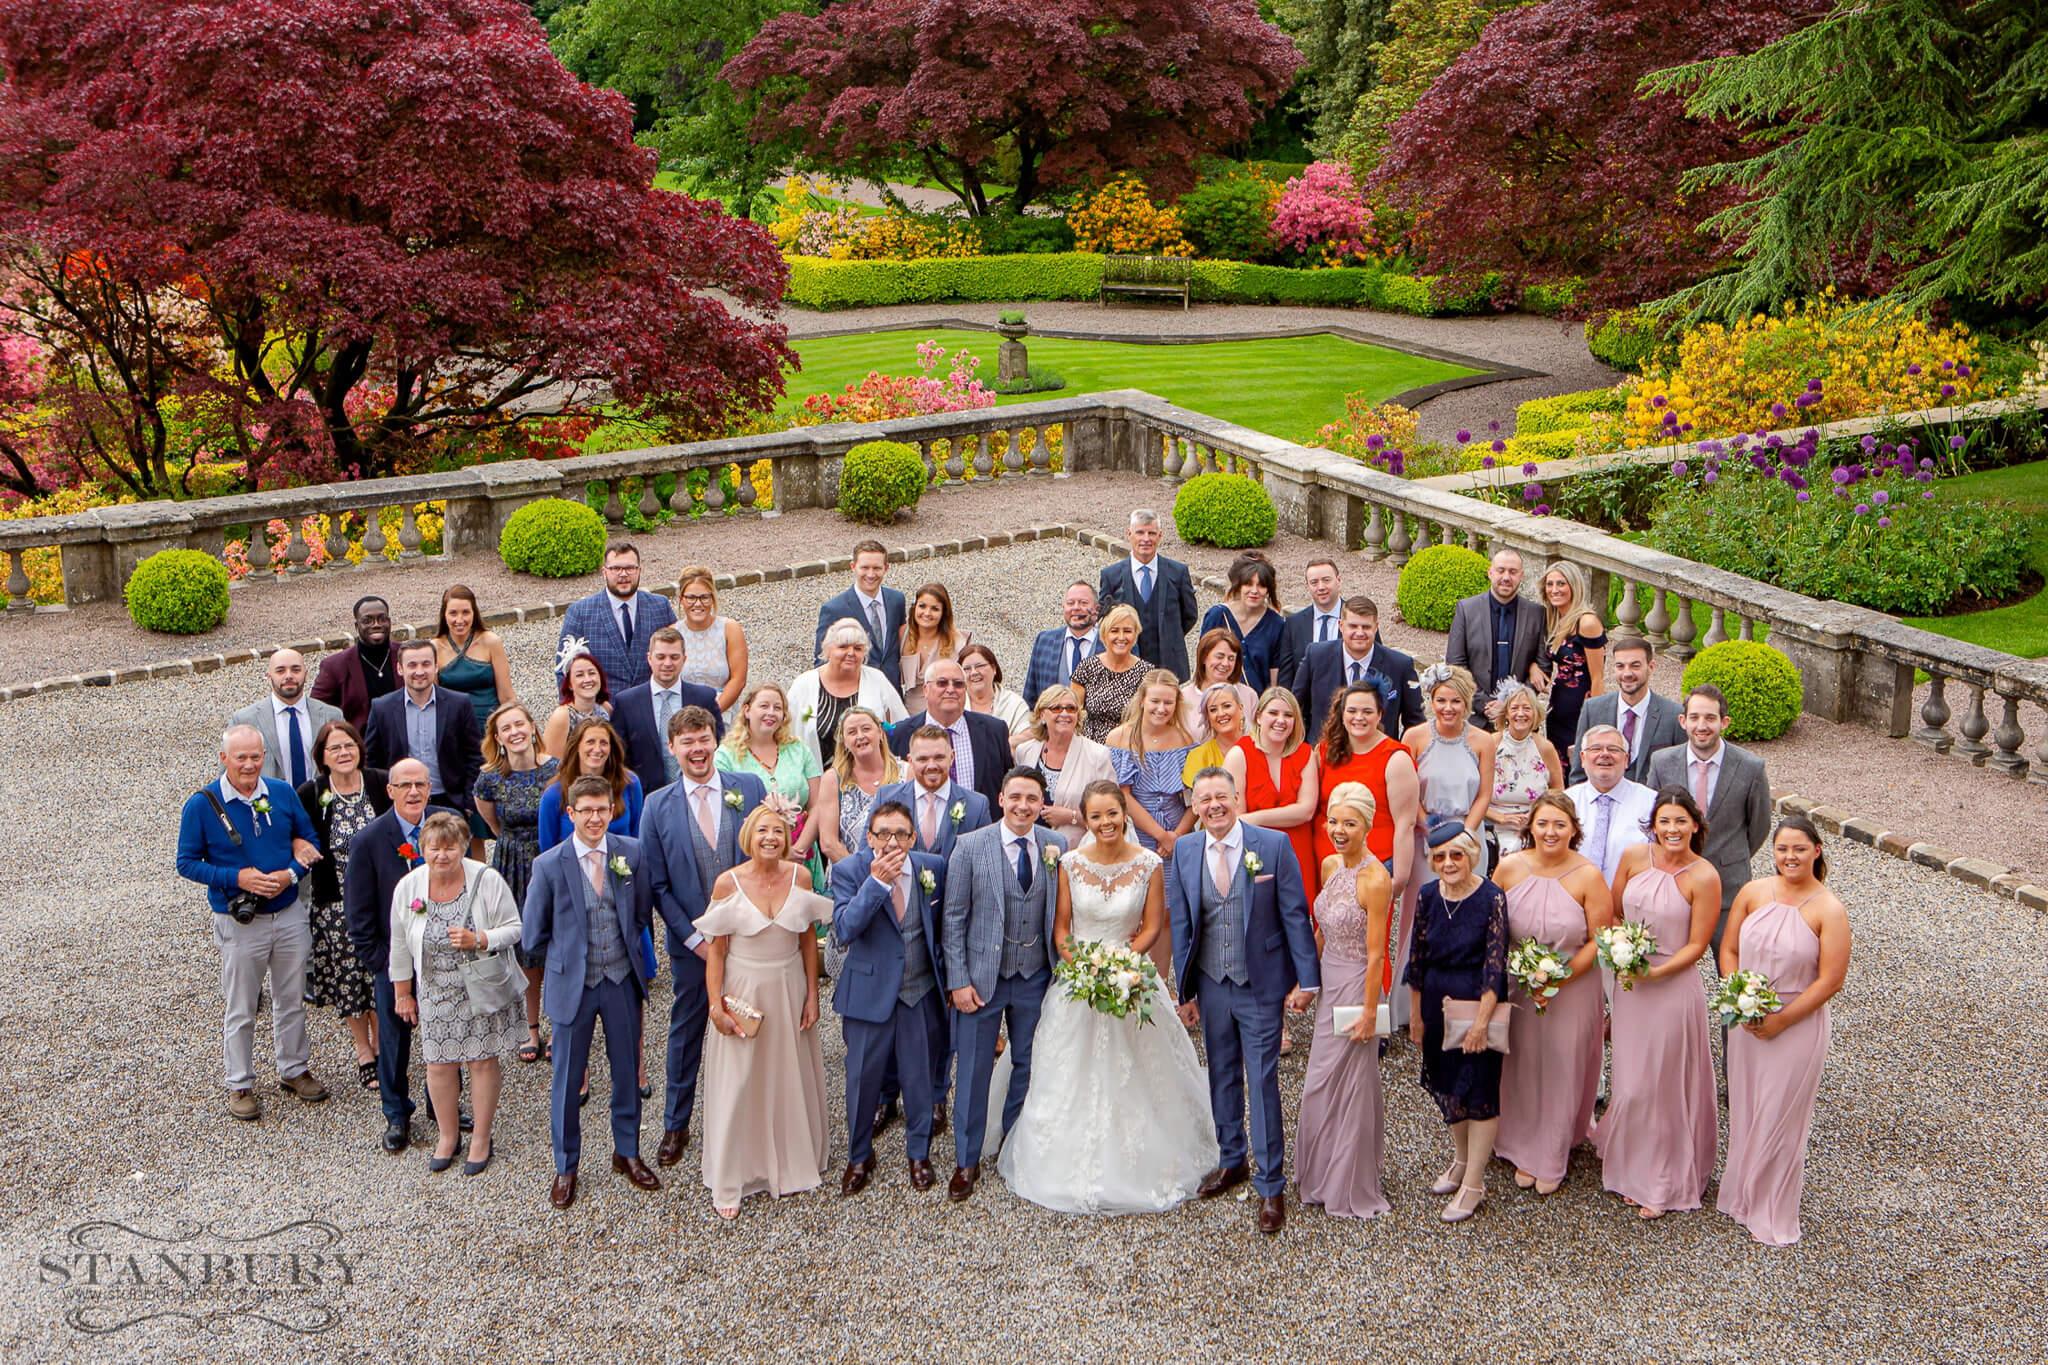 eaves-hall-wedding-photography-015